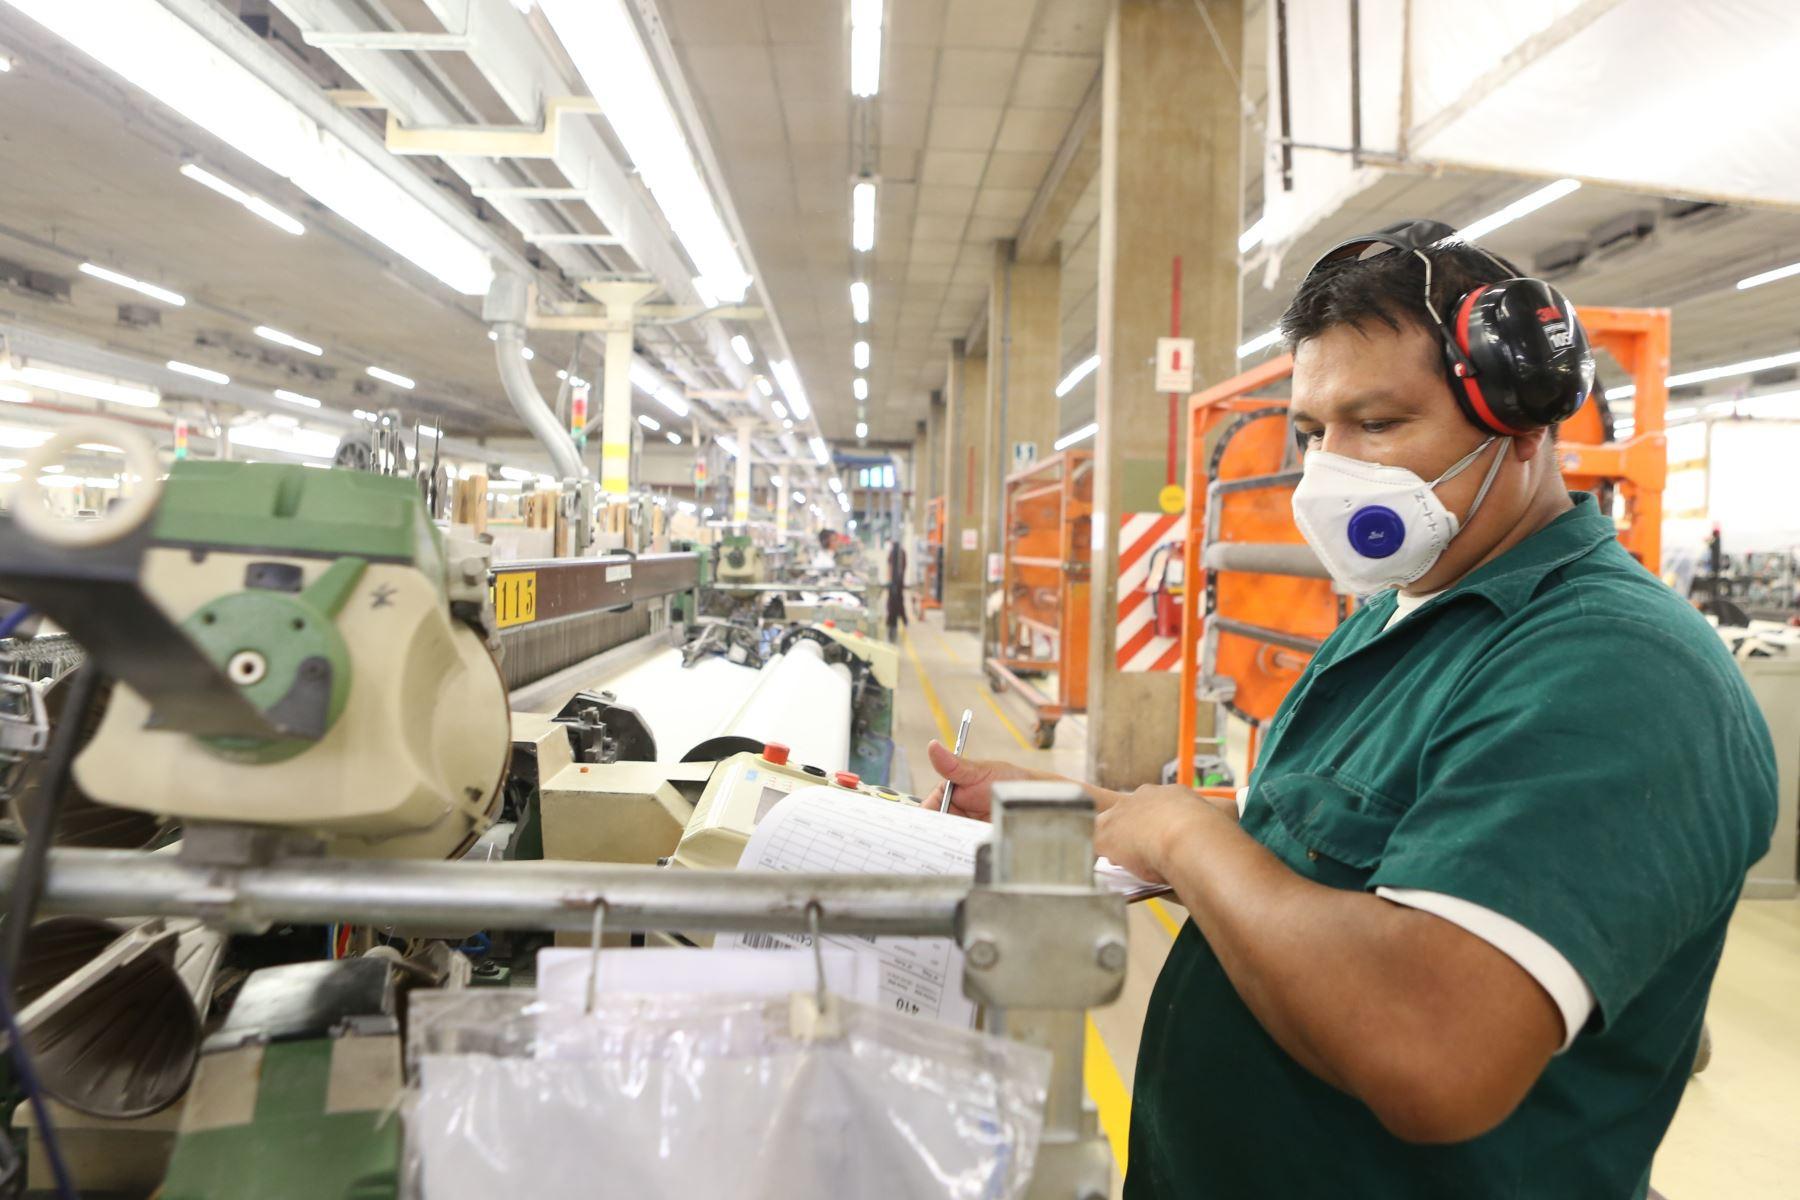 Empresas buscarán postergar sus negociaciones colectivas para evitar sobrecostos laborales